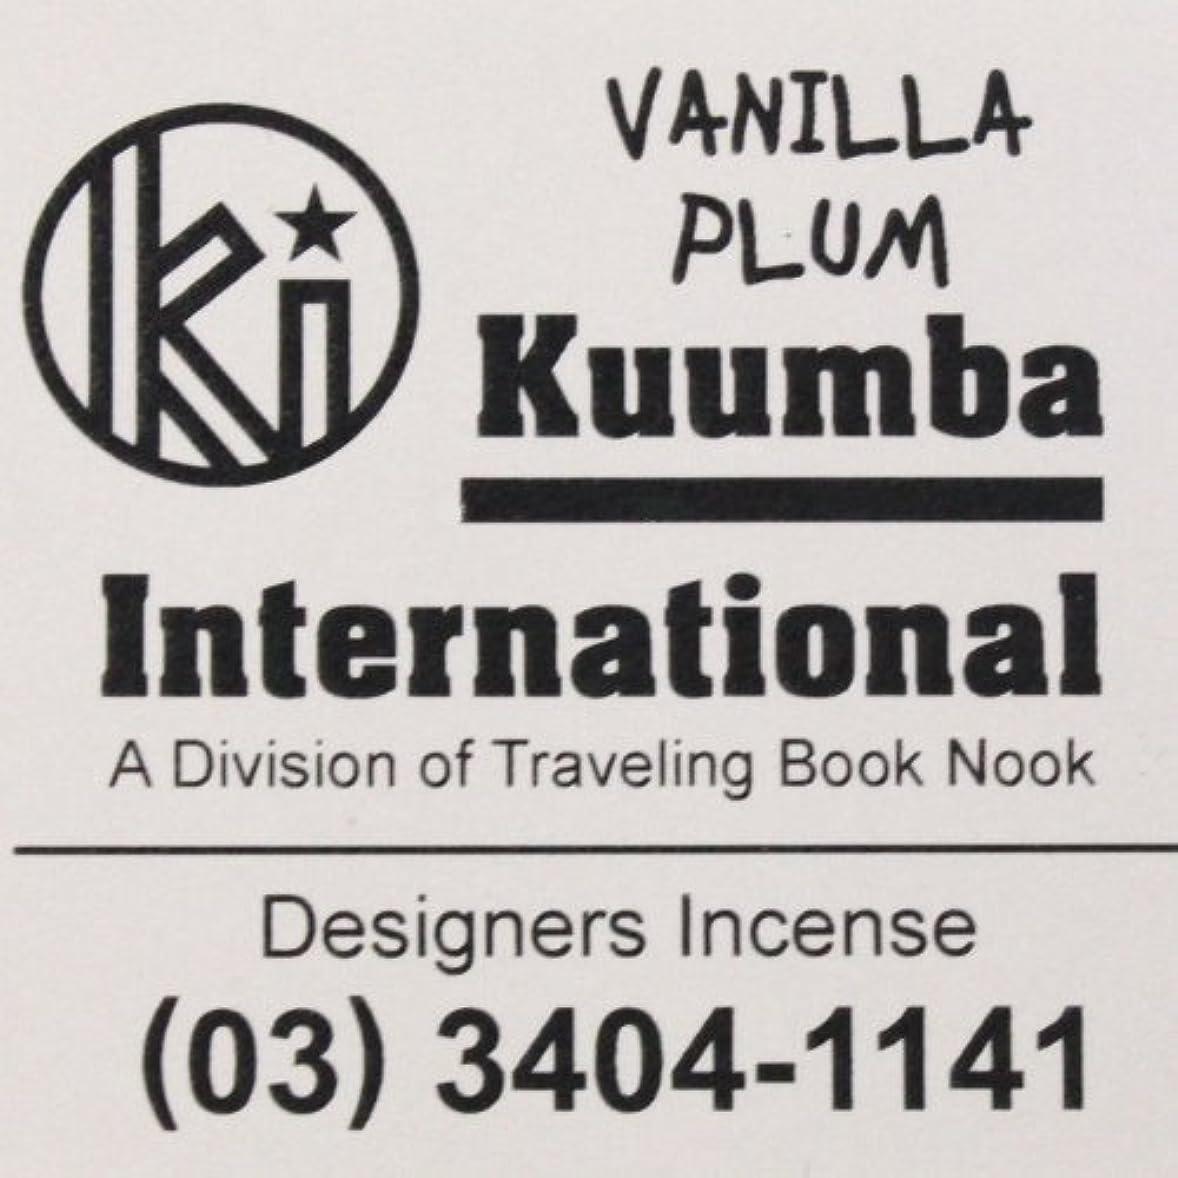 コードレスデッドほぼKUUMBA (クンバ)『incense』(VANILLA PLUM) (Regular size)